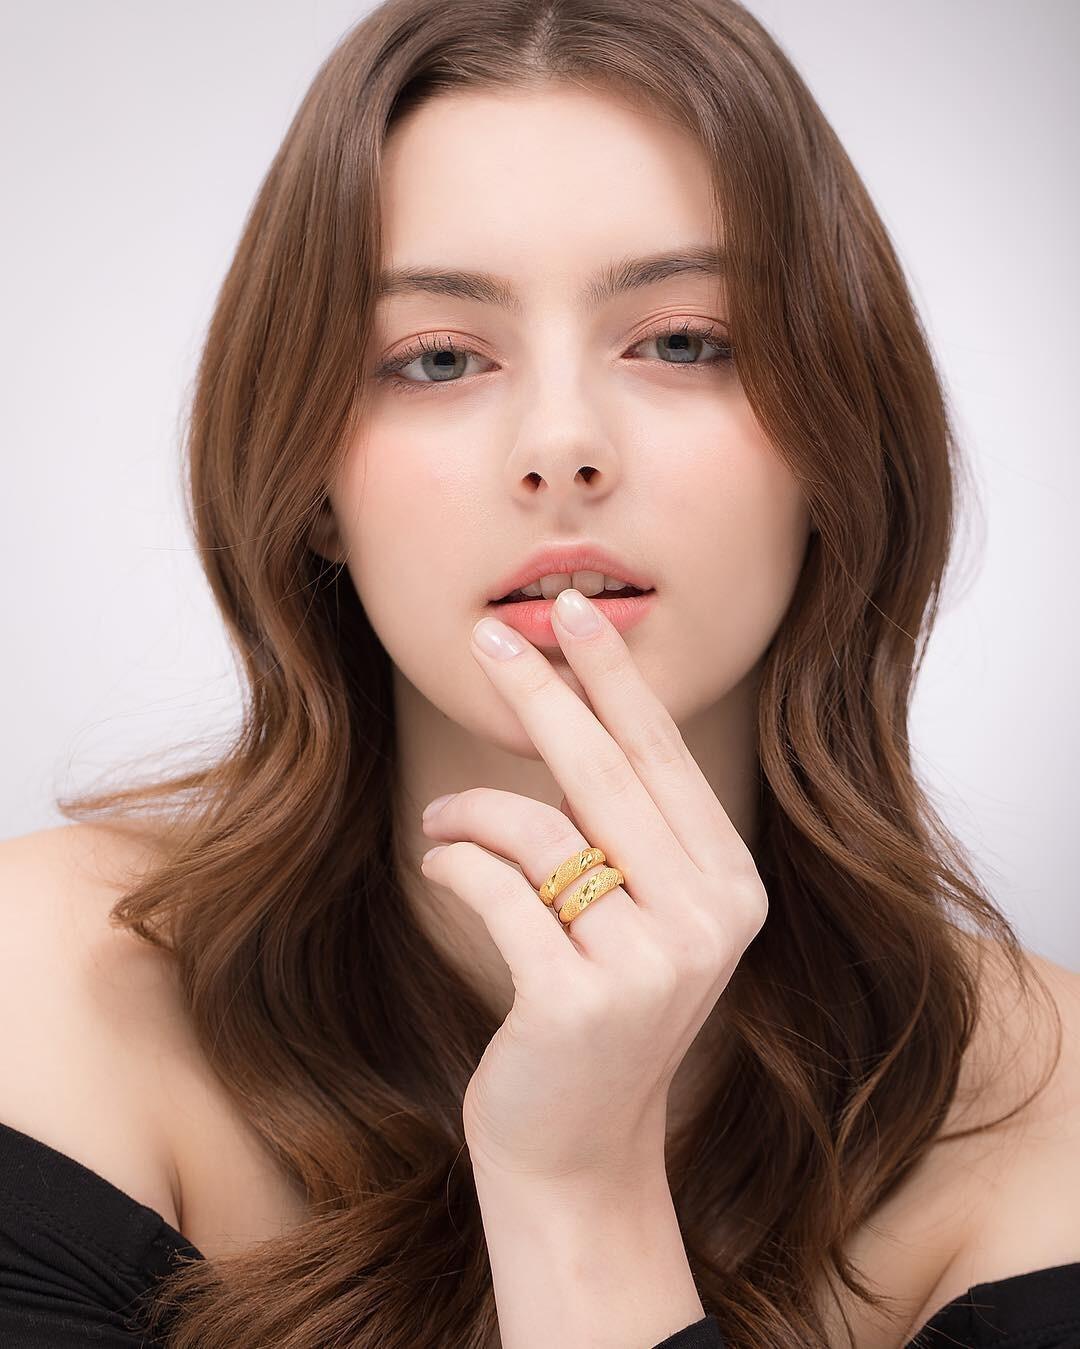 [正妹]完美比例天使脸孔[白俄罗斯女模]内衣广告网友直呼好仙 养眼图片 第11张